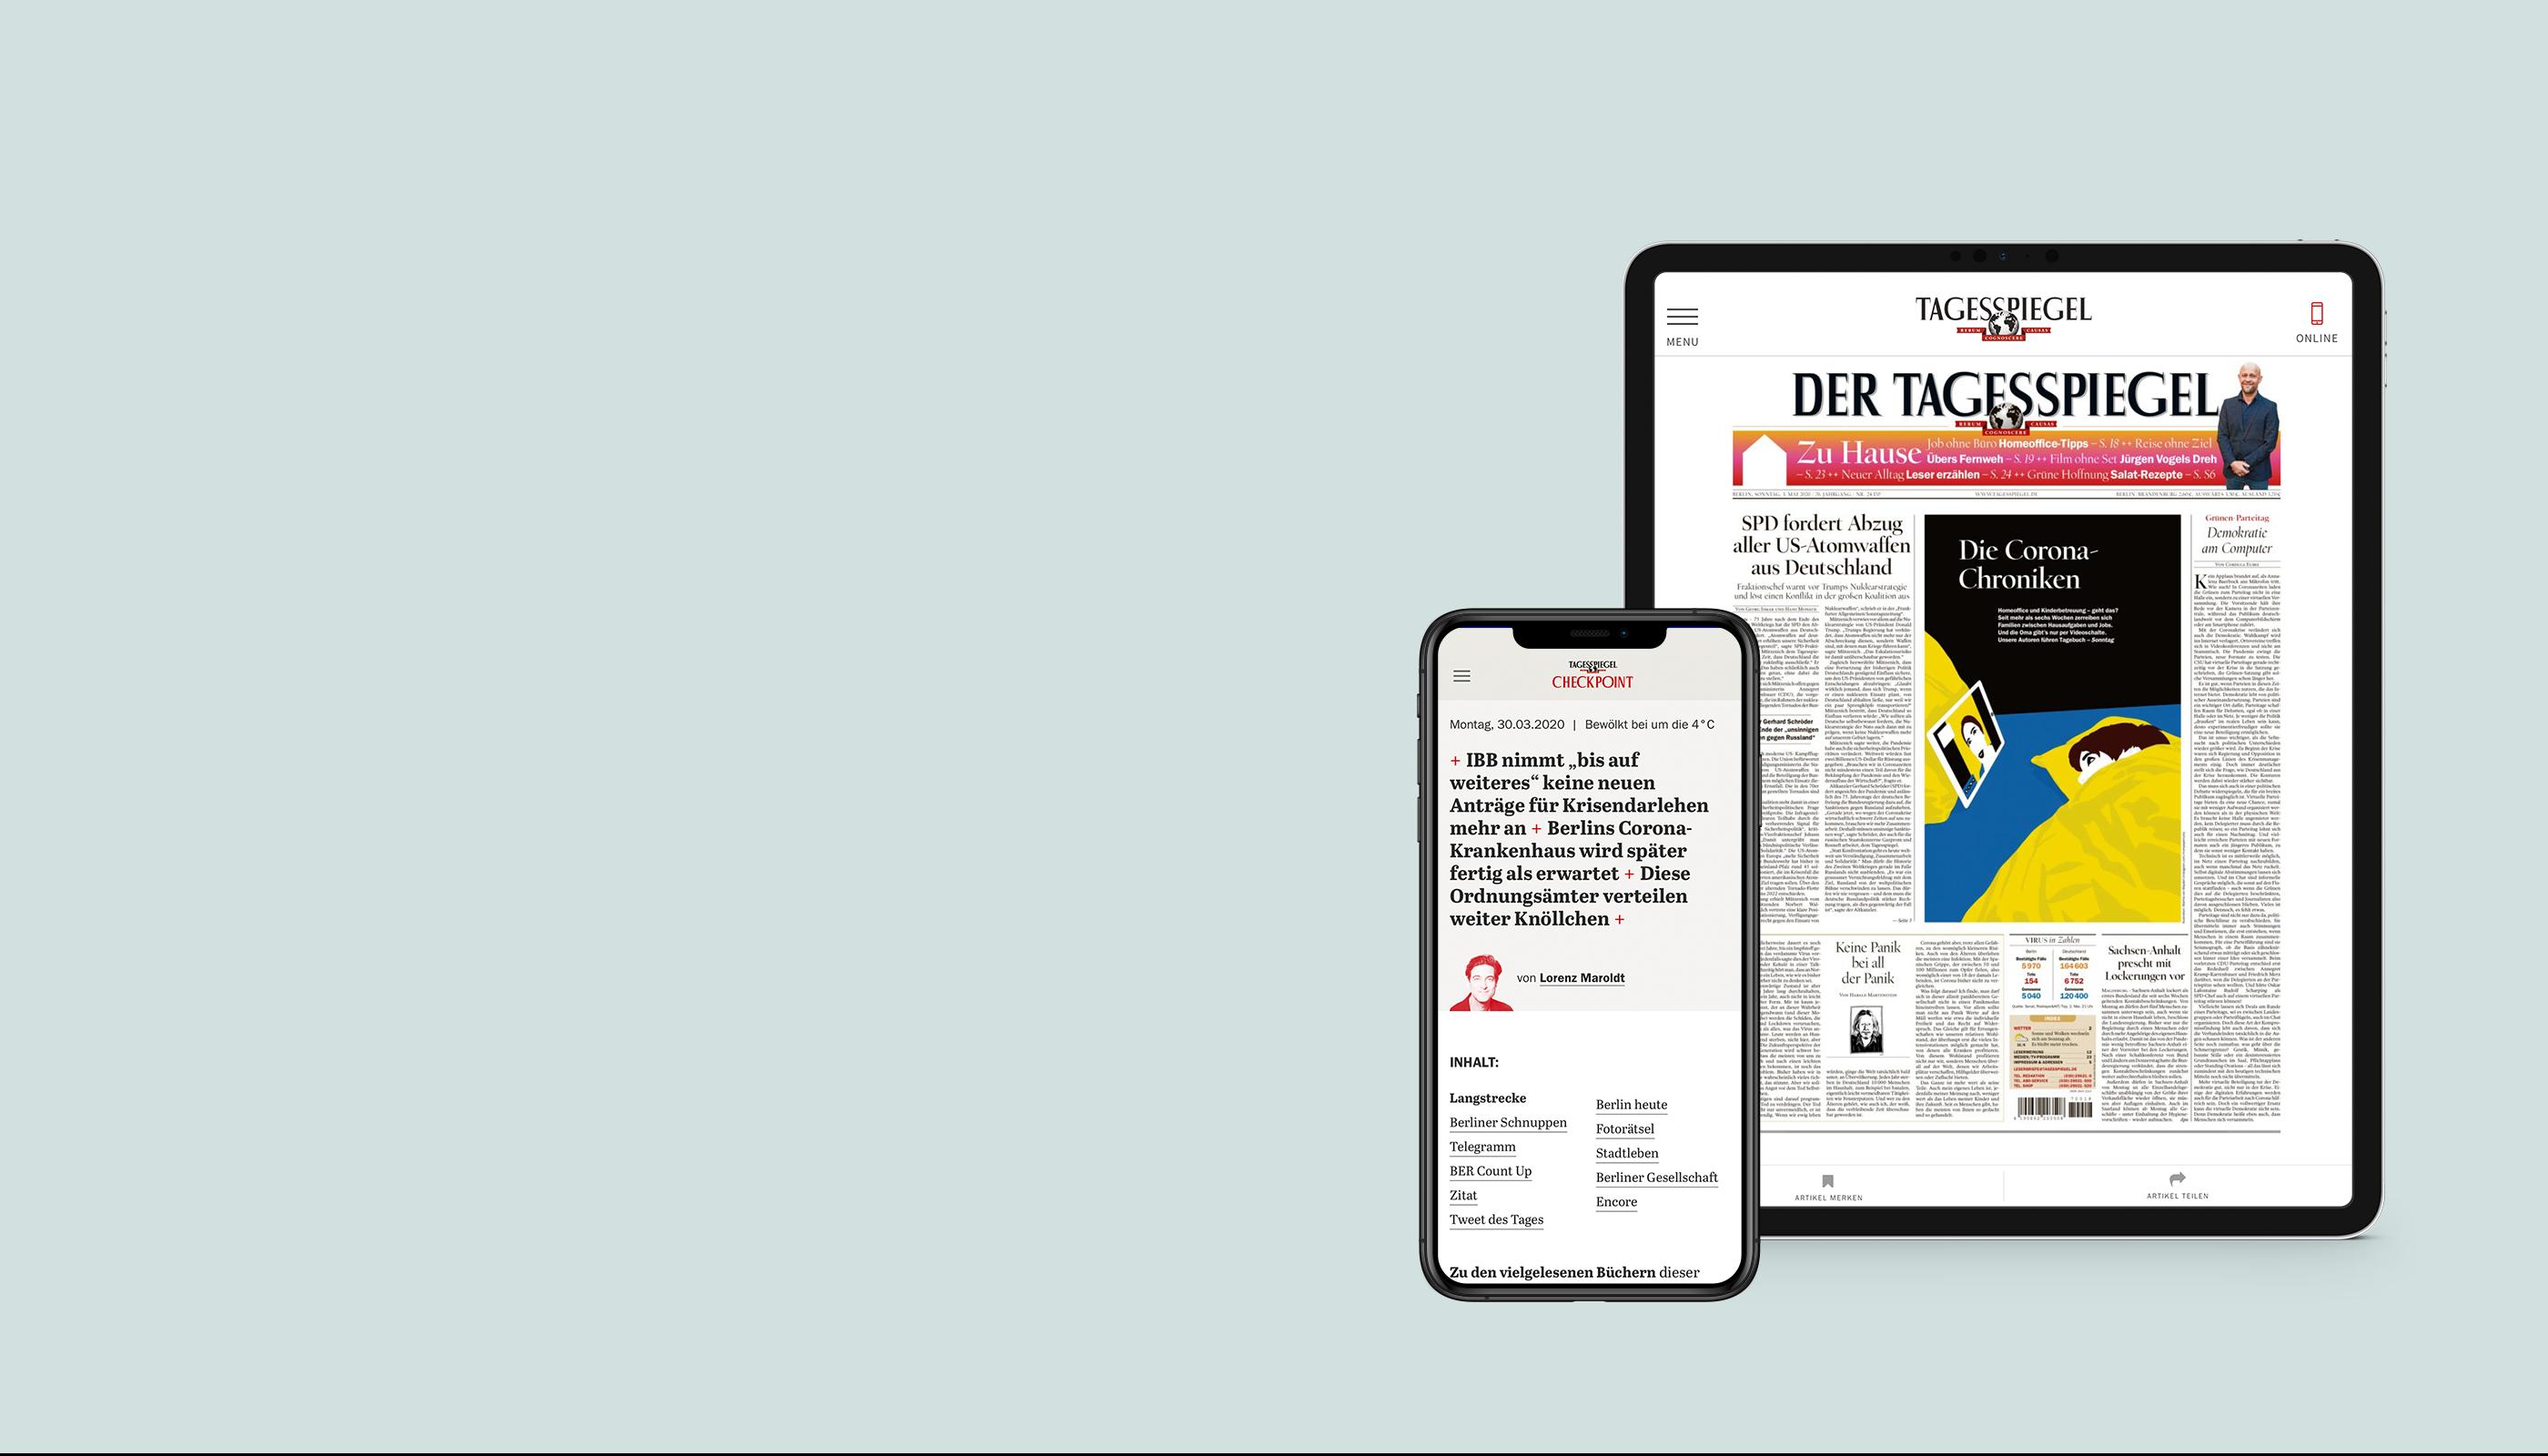 Der Tagesspiegel als digitale Zeitung für Studierende